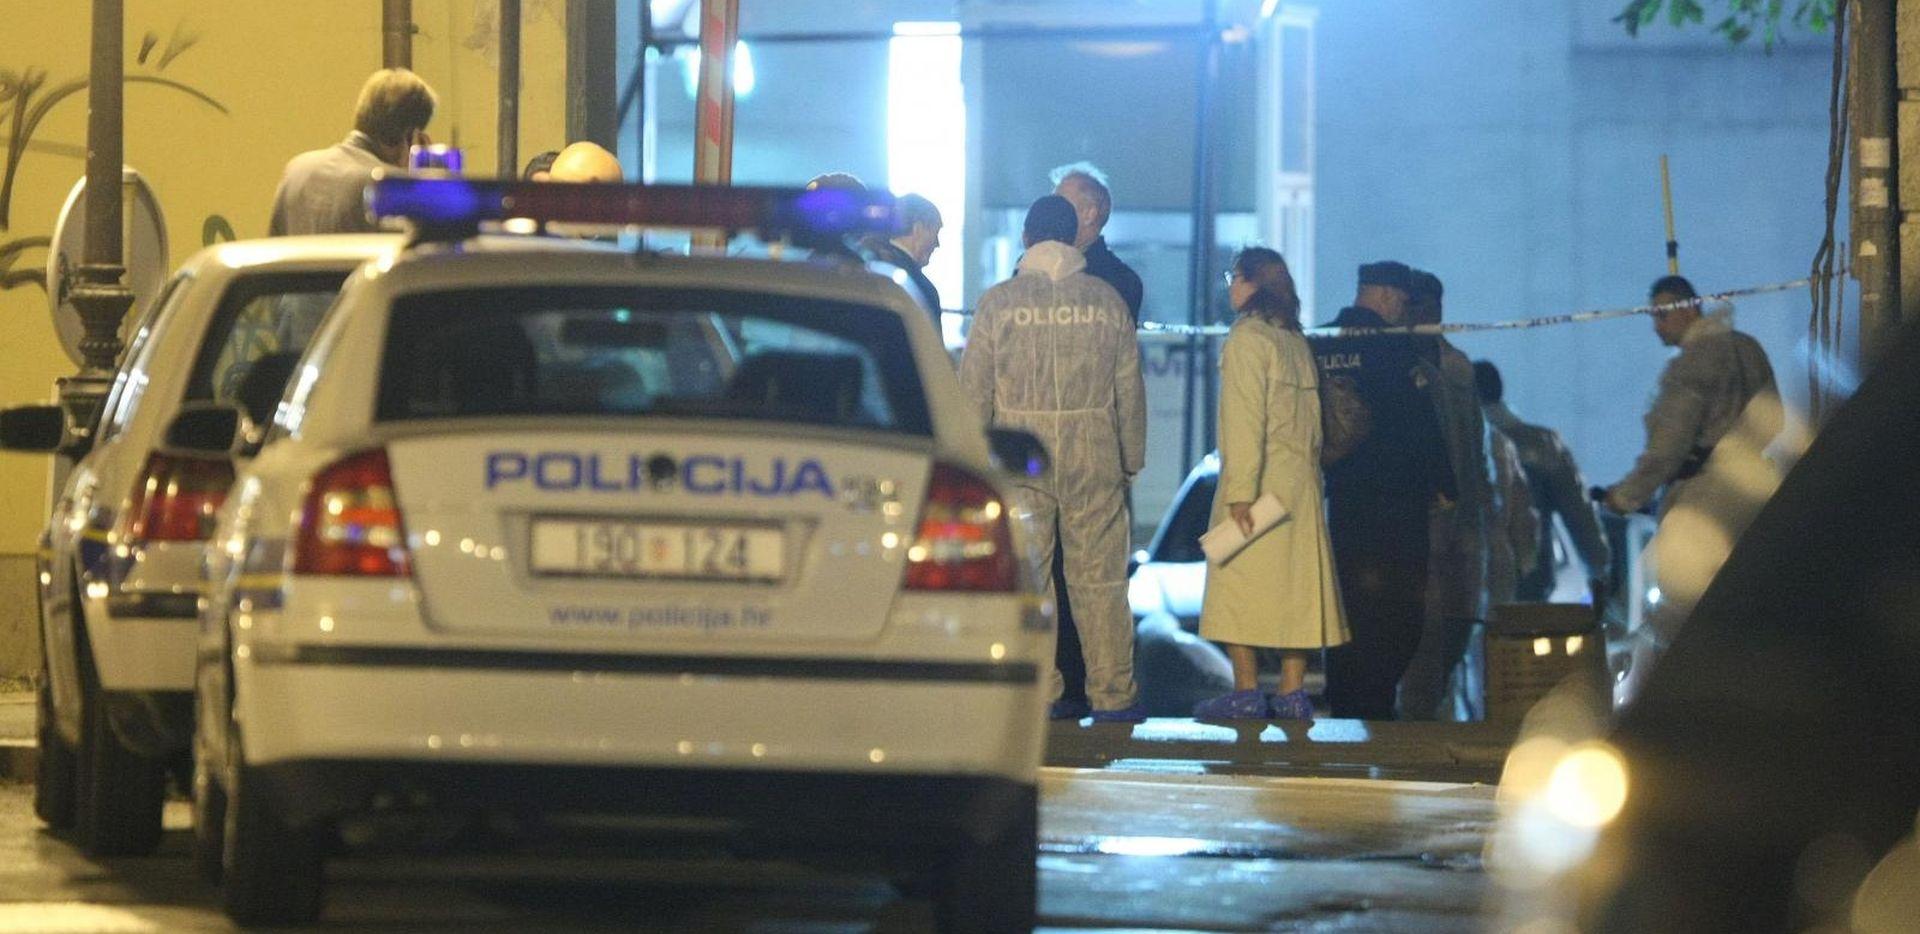 FELJTON Tajna veze hrvatskih političara s ubojstvom Ive Pukanića